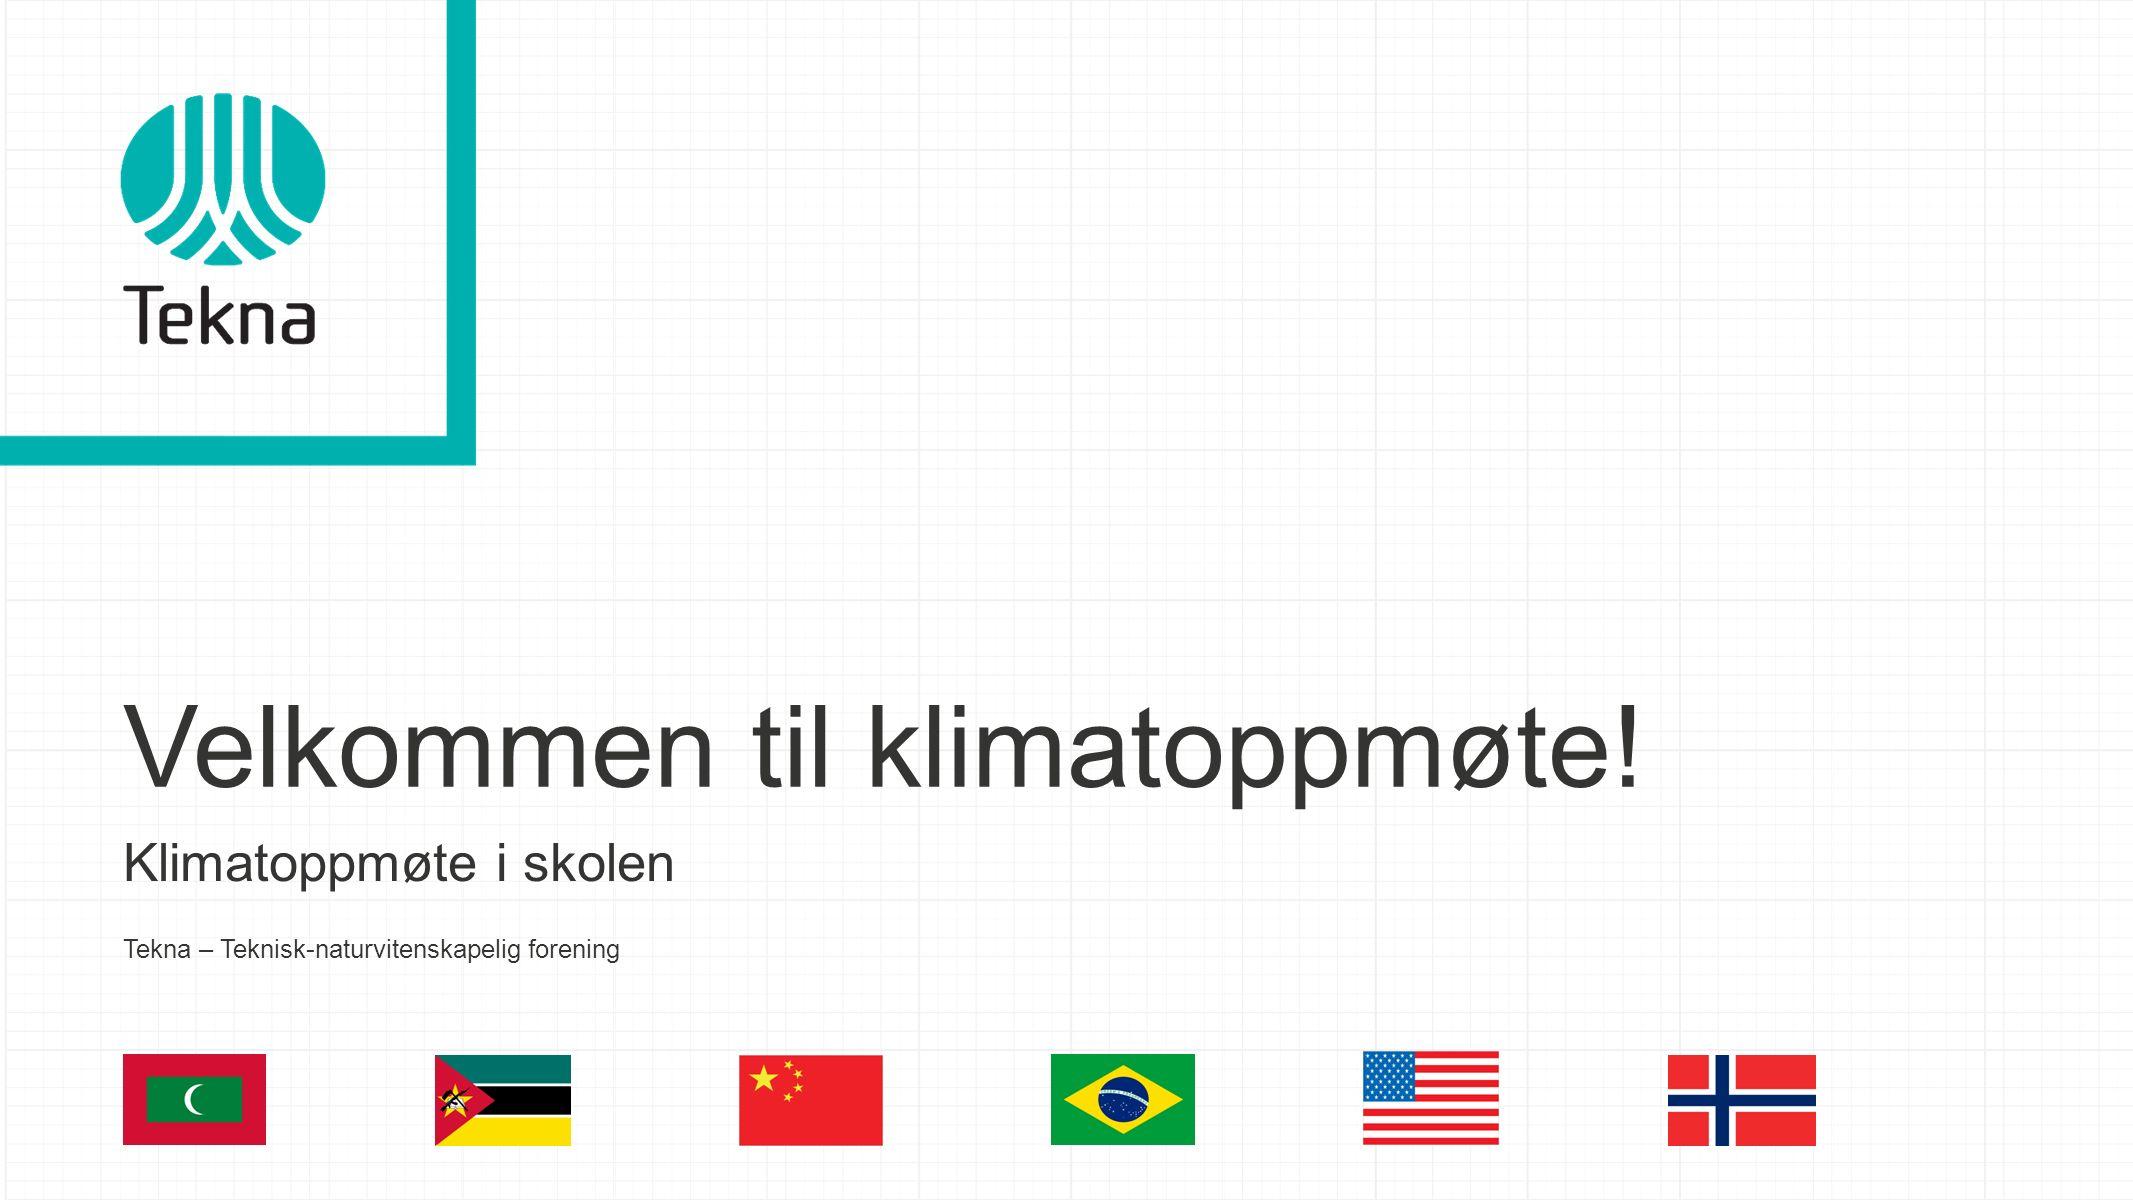 Velkommen til klimatoppmøte! Klimatoppmøte i skolen Tekna – Teknisk-naturvitenskapelig forening